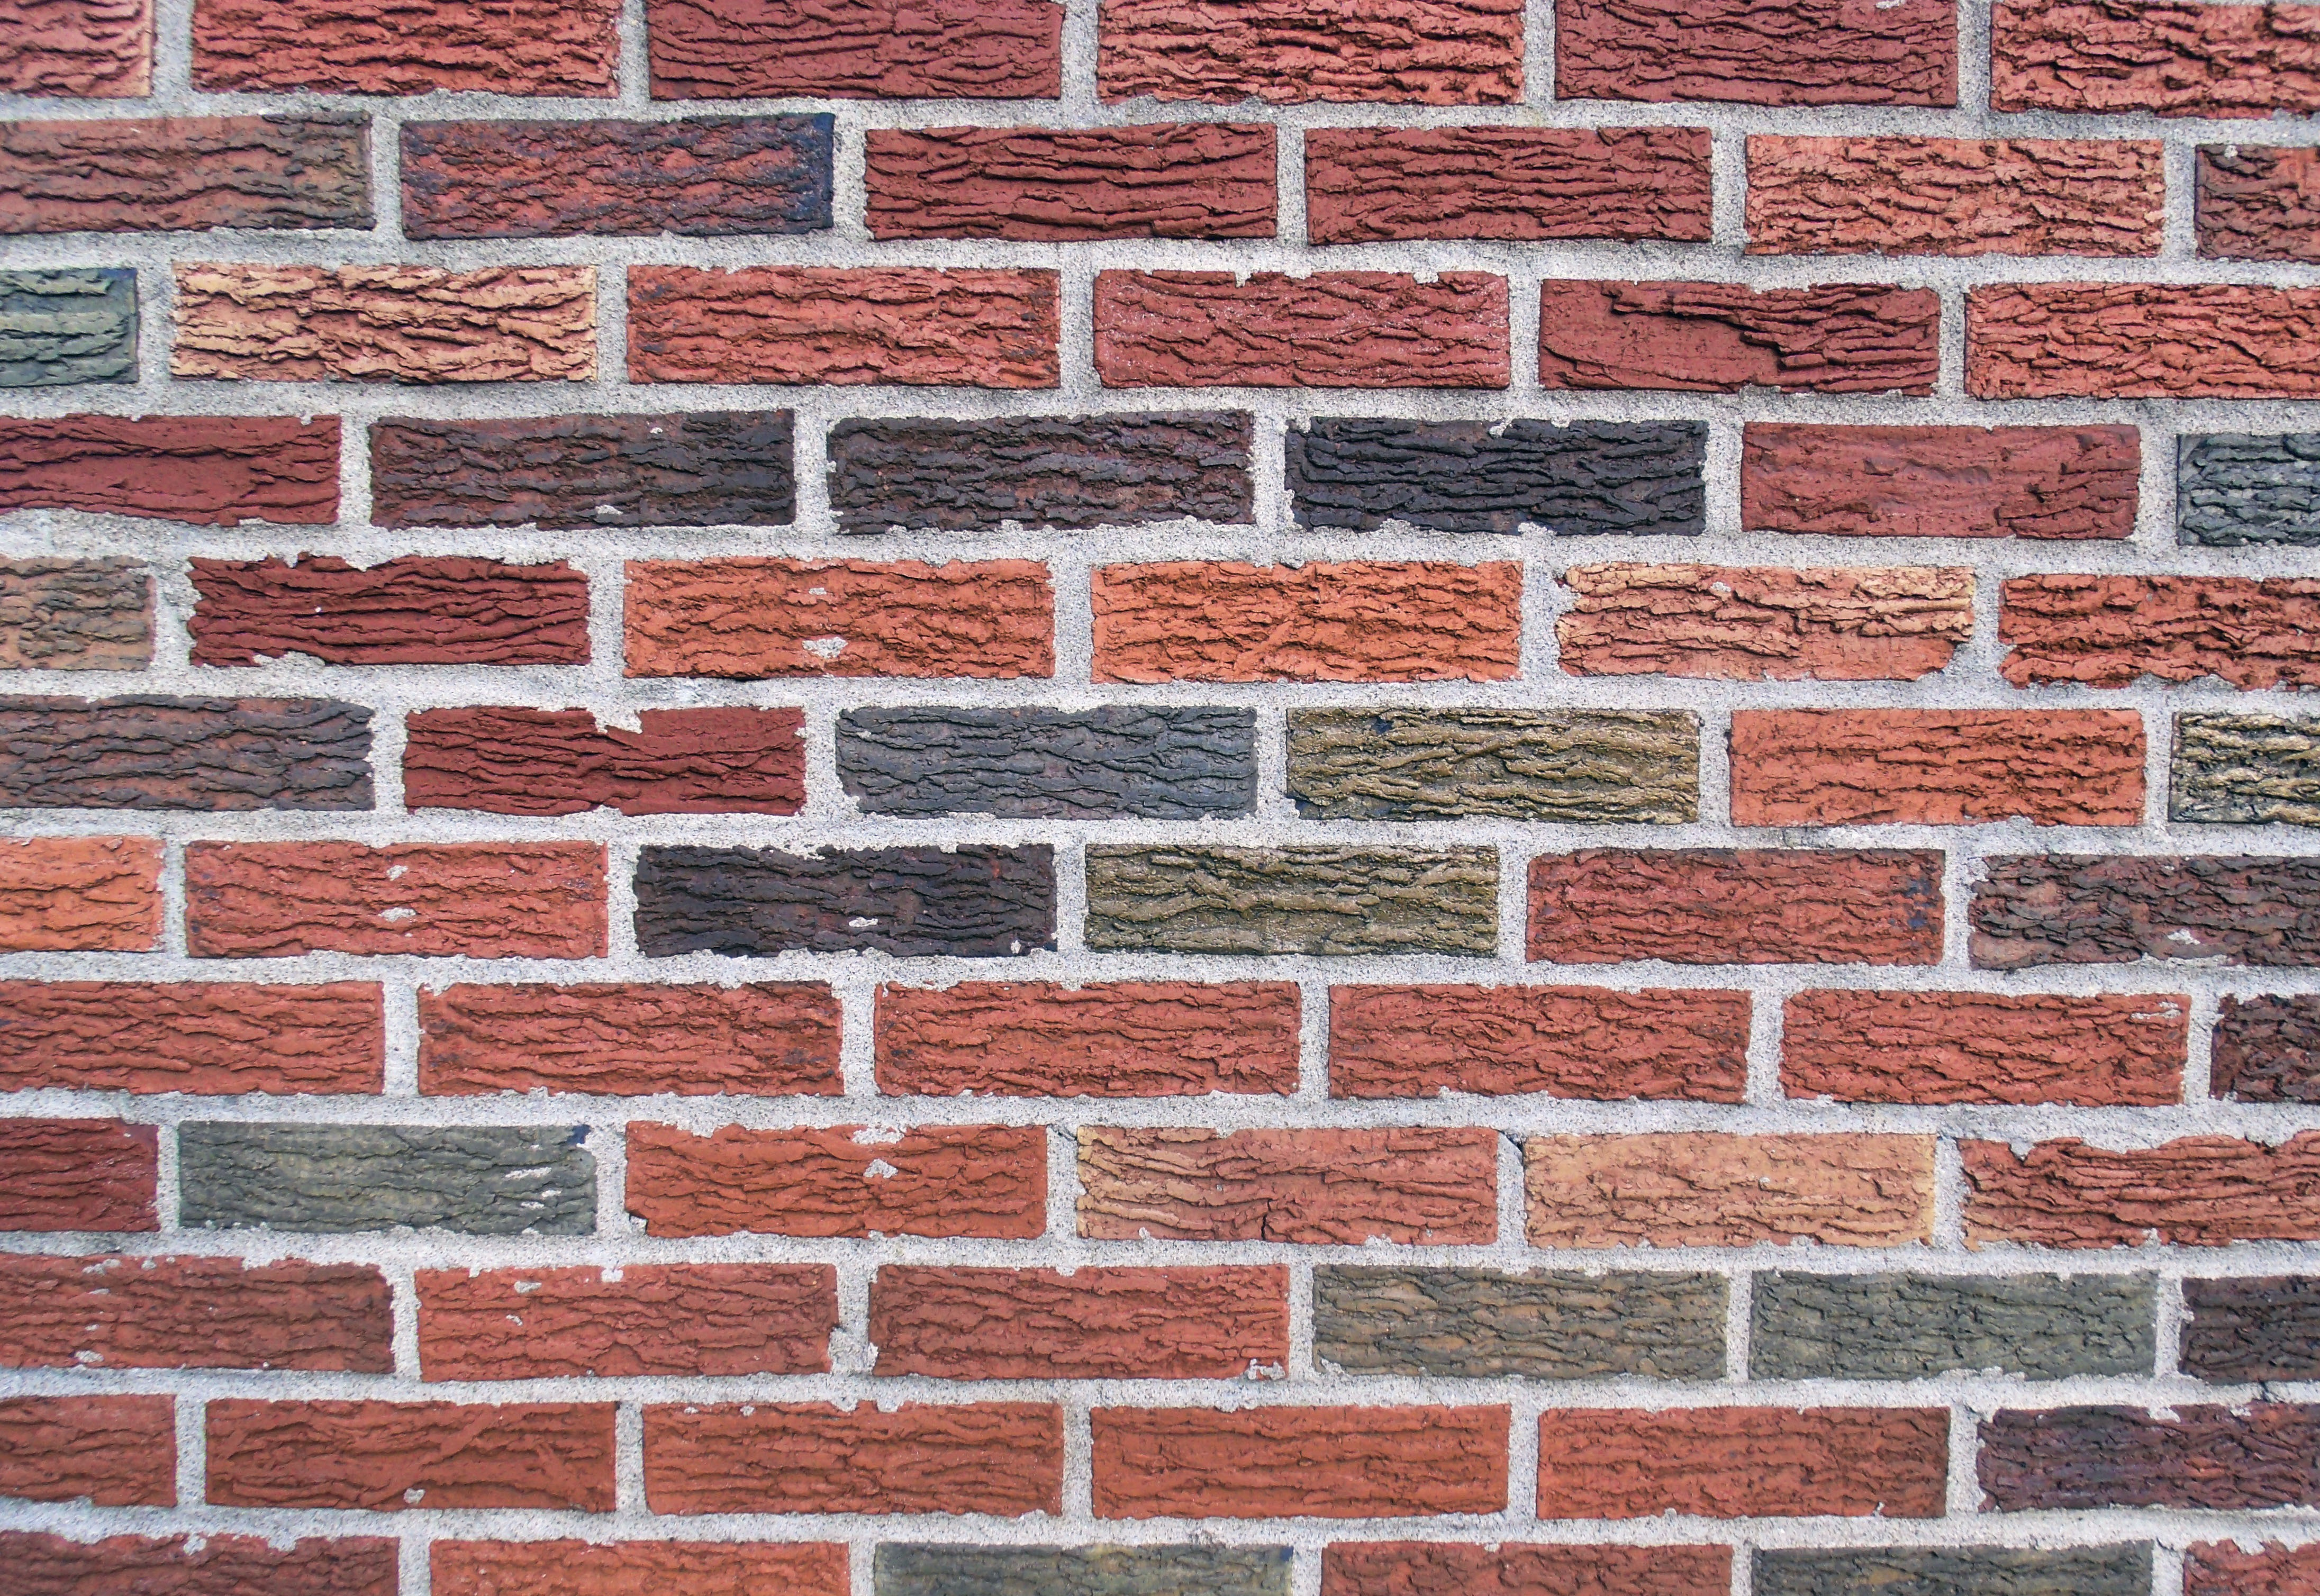 Brick Wall, Brick, Brickwall, Red, Wall, HQ Photo